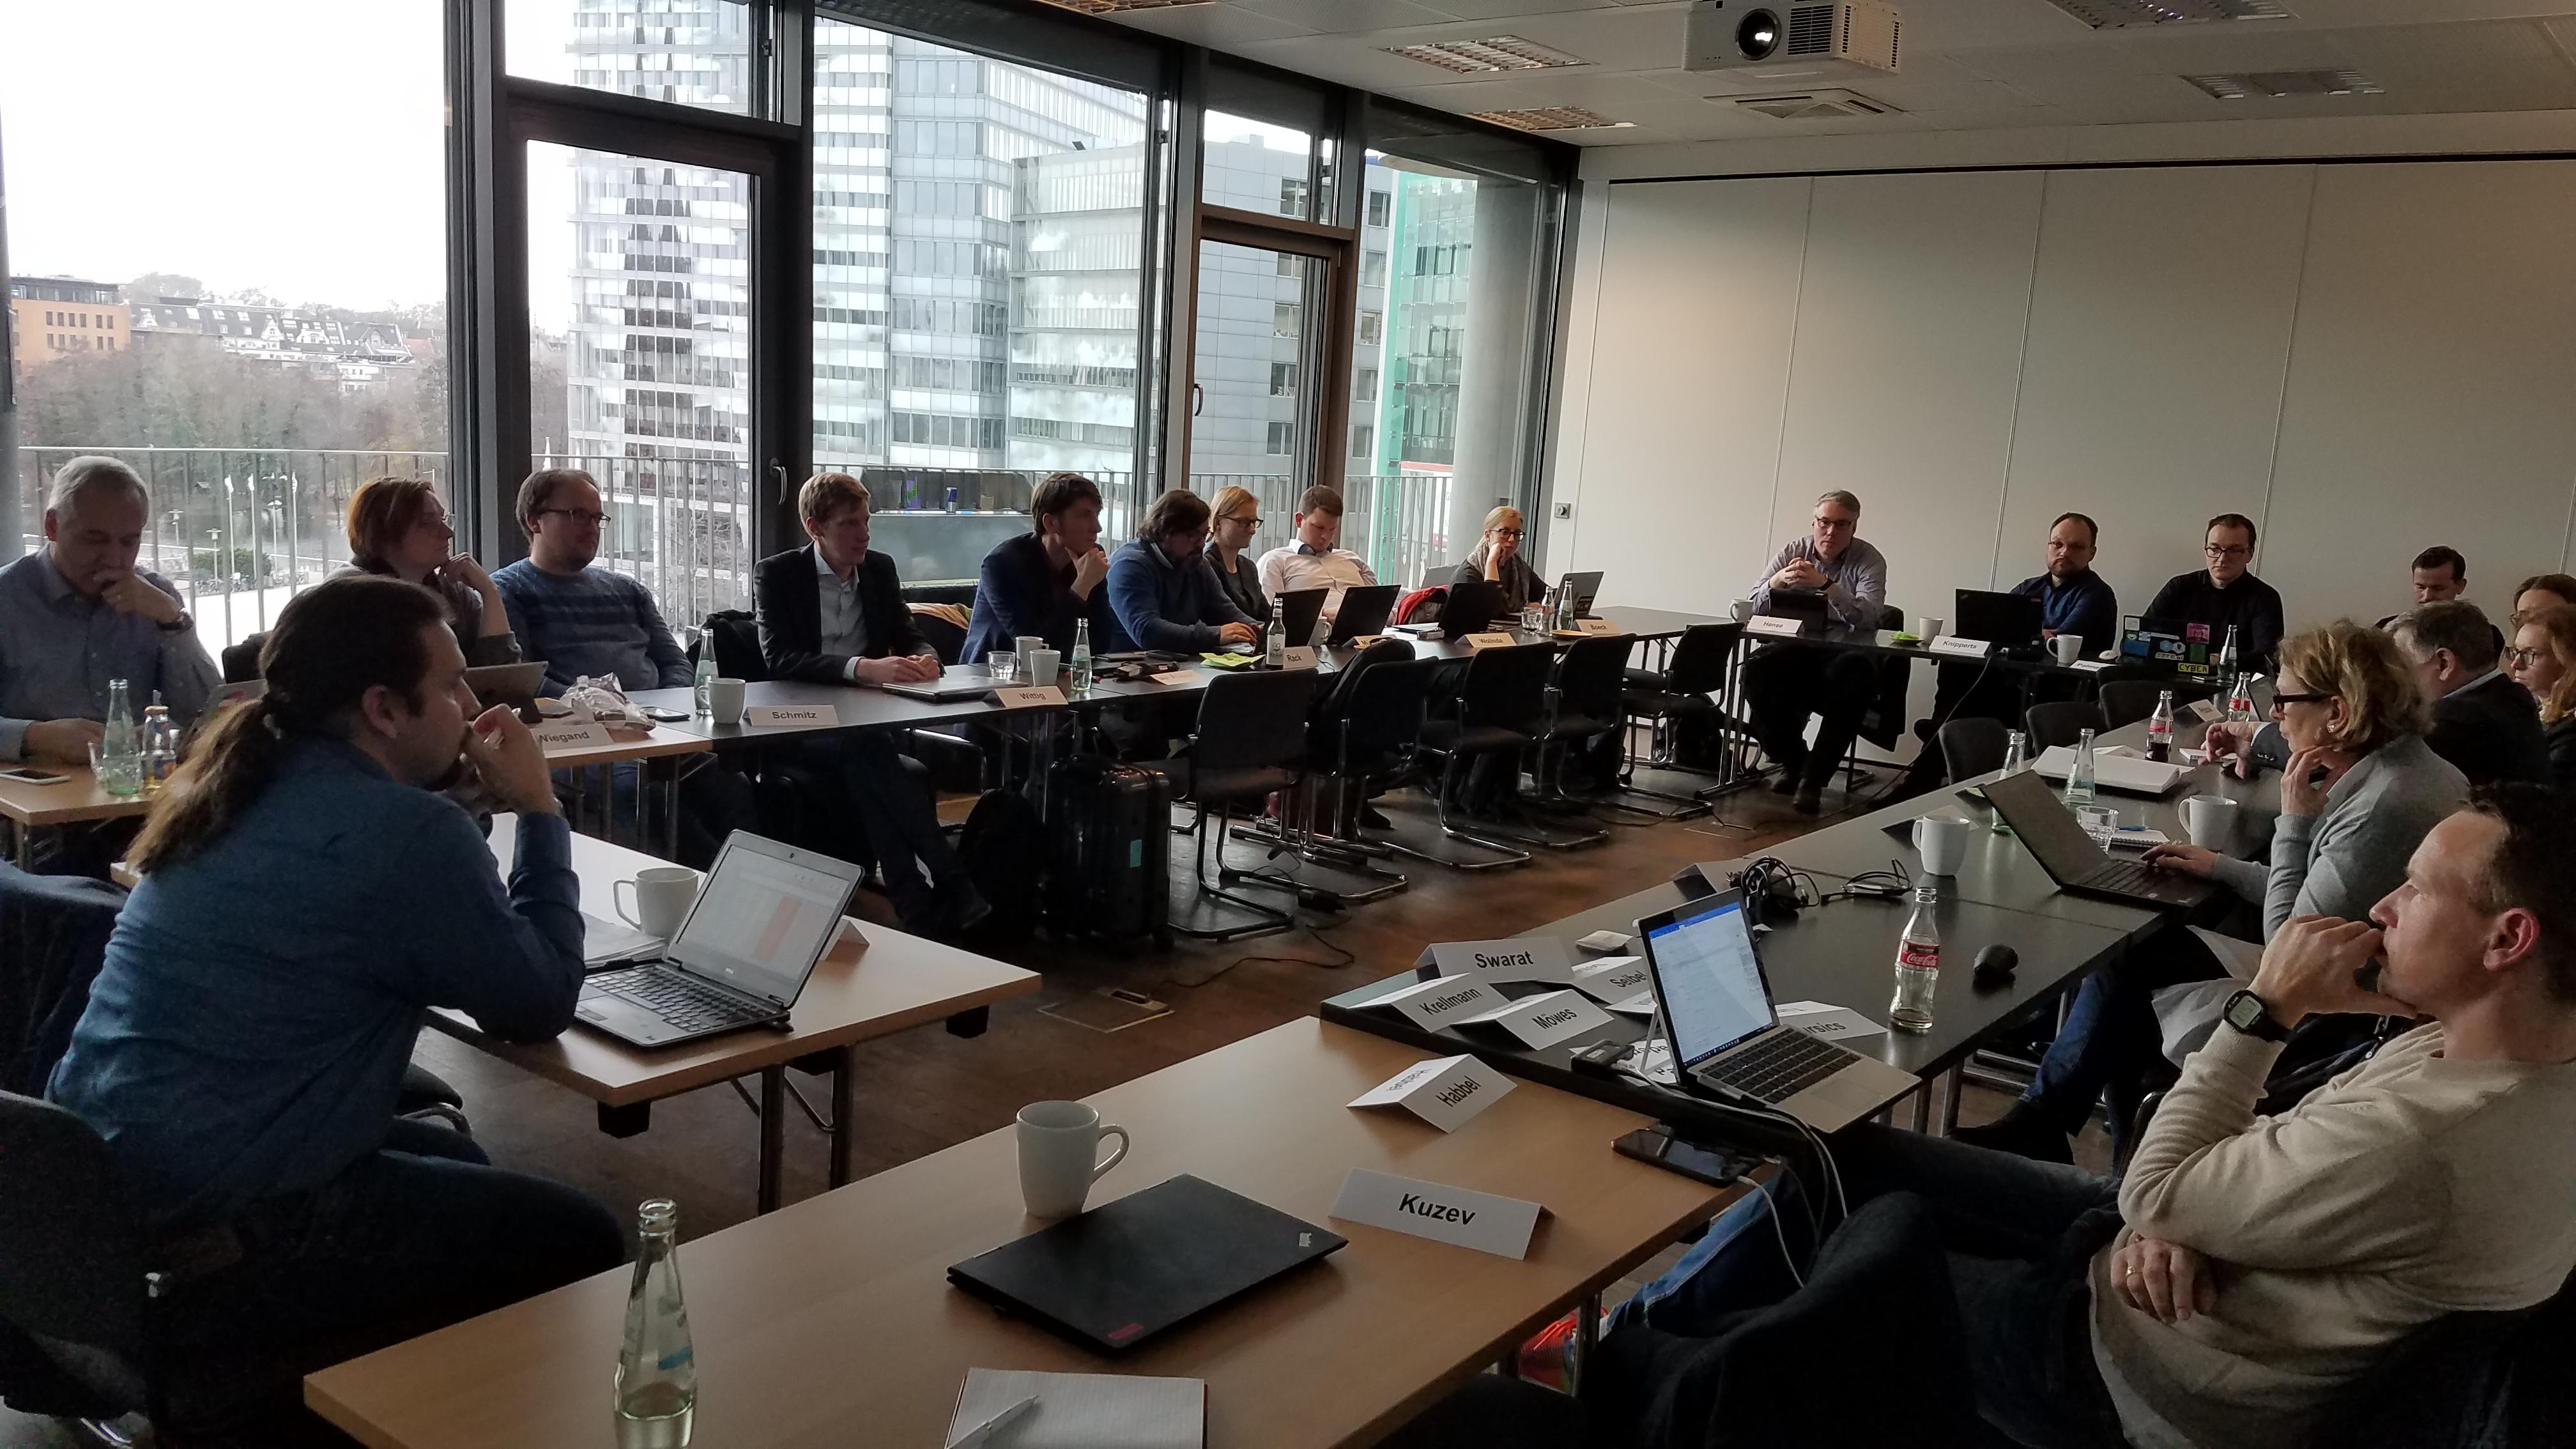 25 Personen in einem Raum versammelt, im startplatz in Köln.